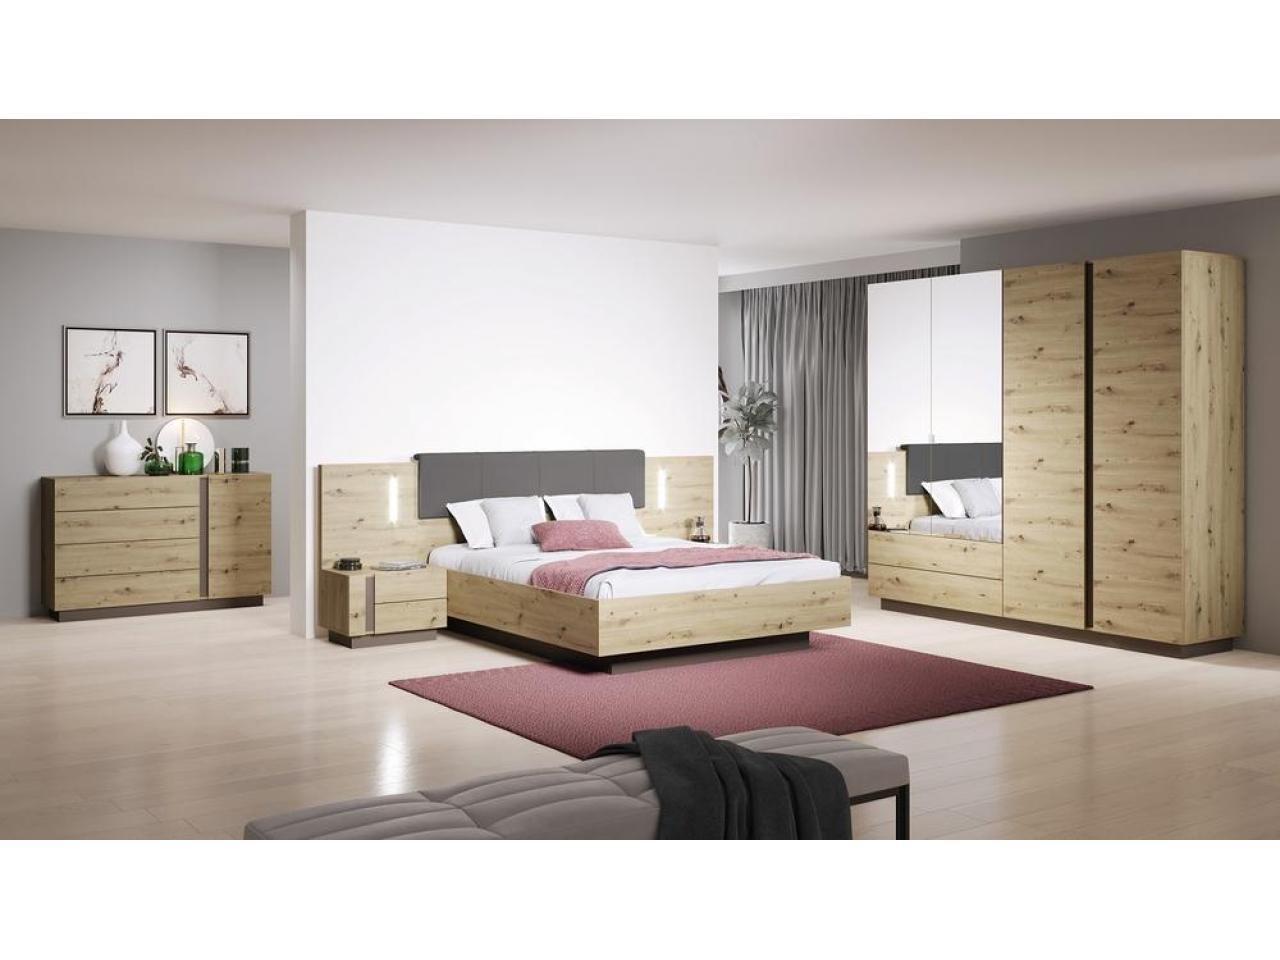 Furnipol -спальни по доступным ценам - 1